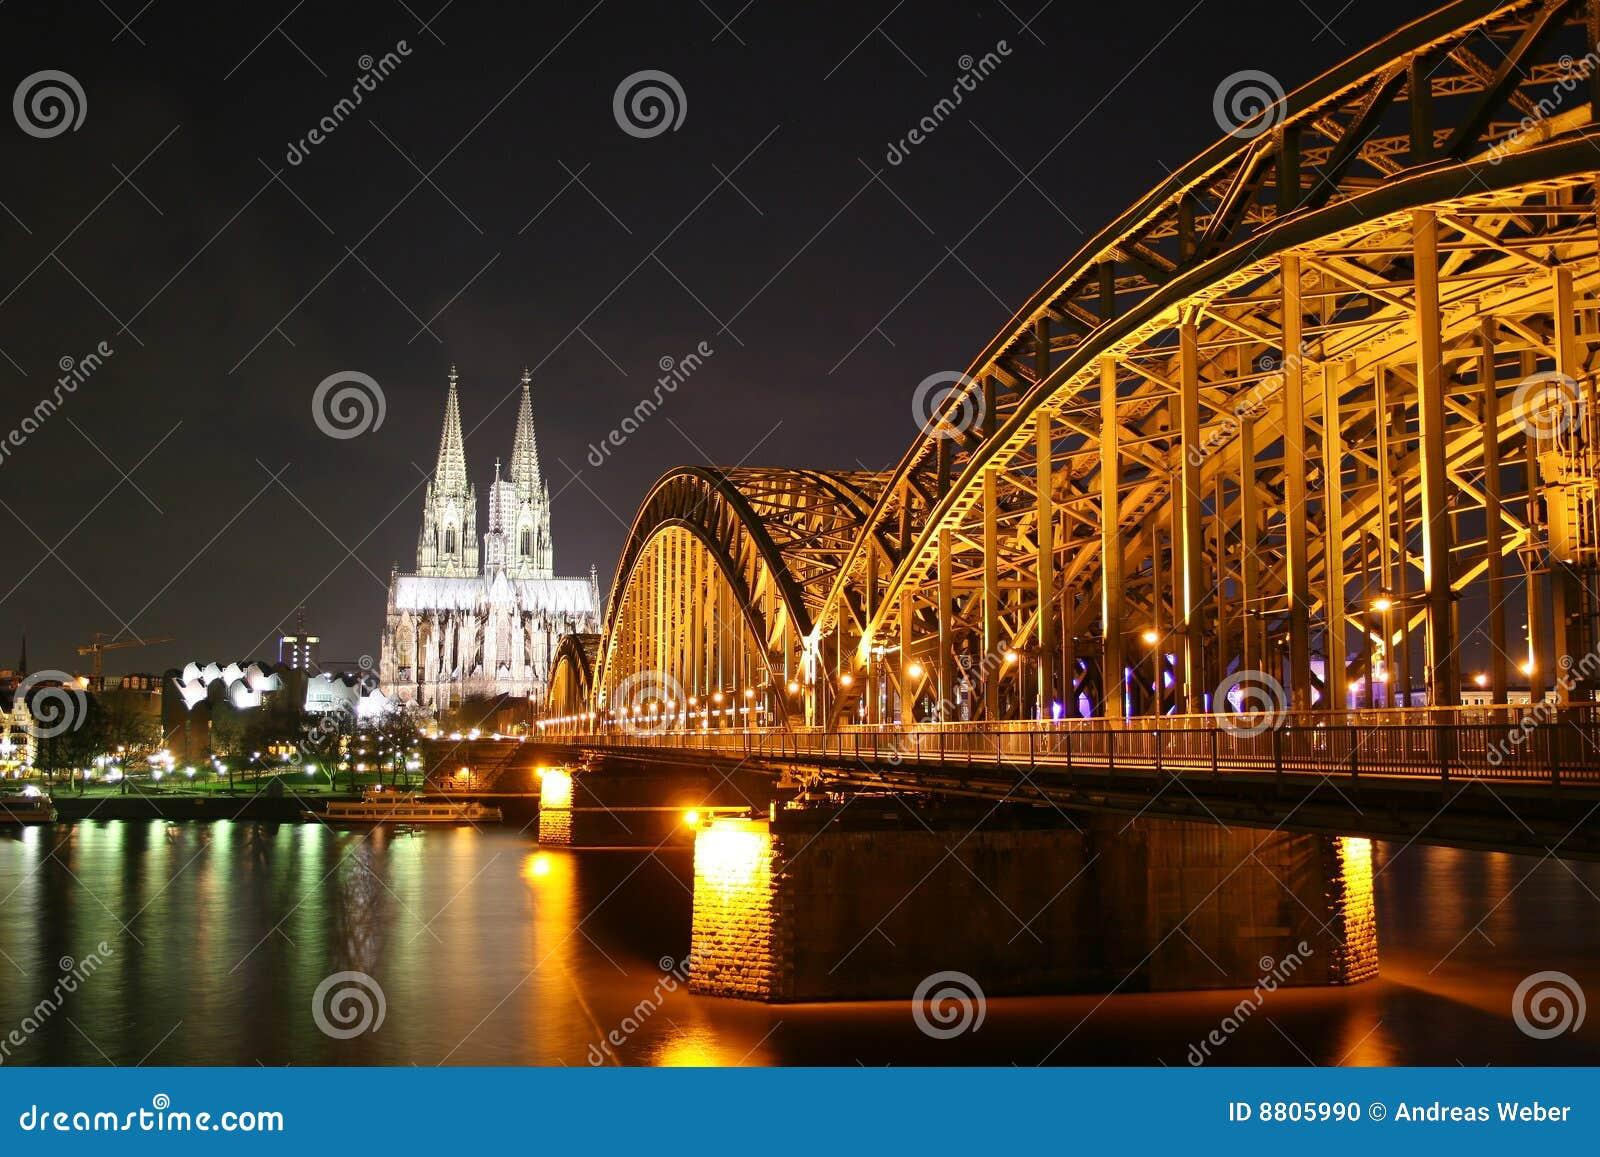 Dome Cologne